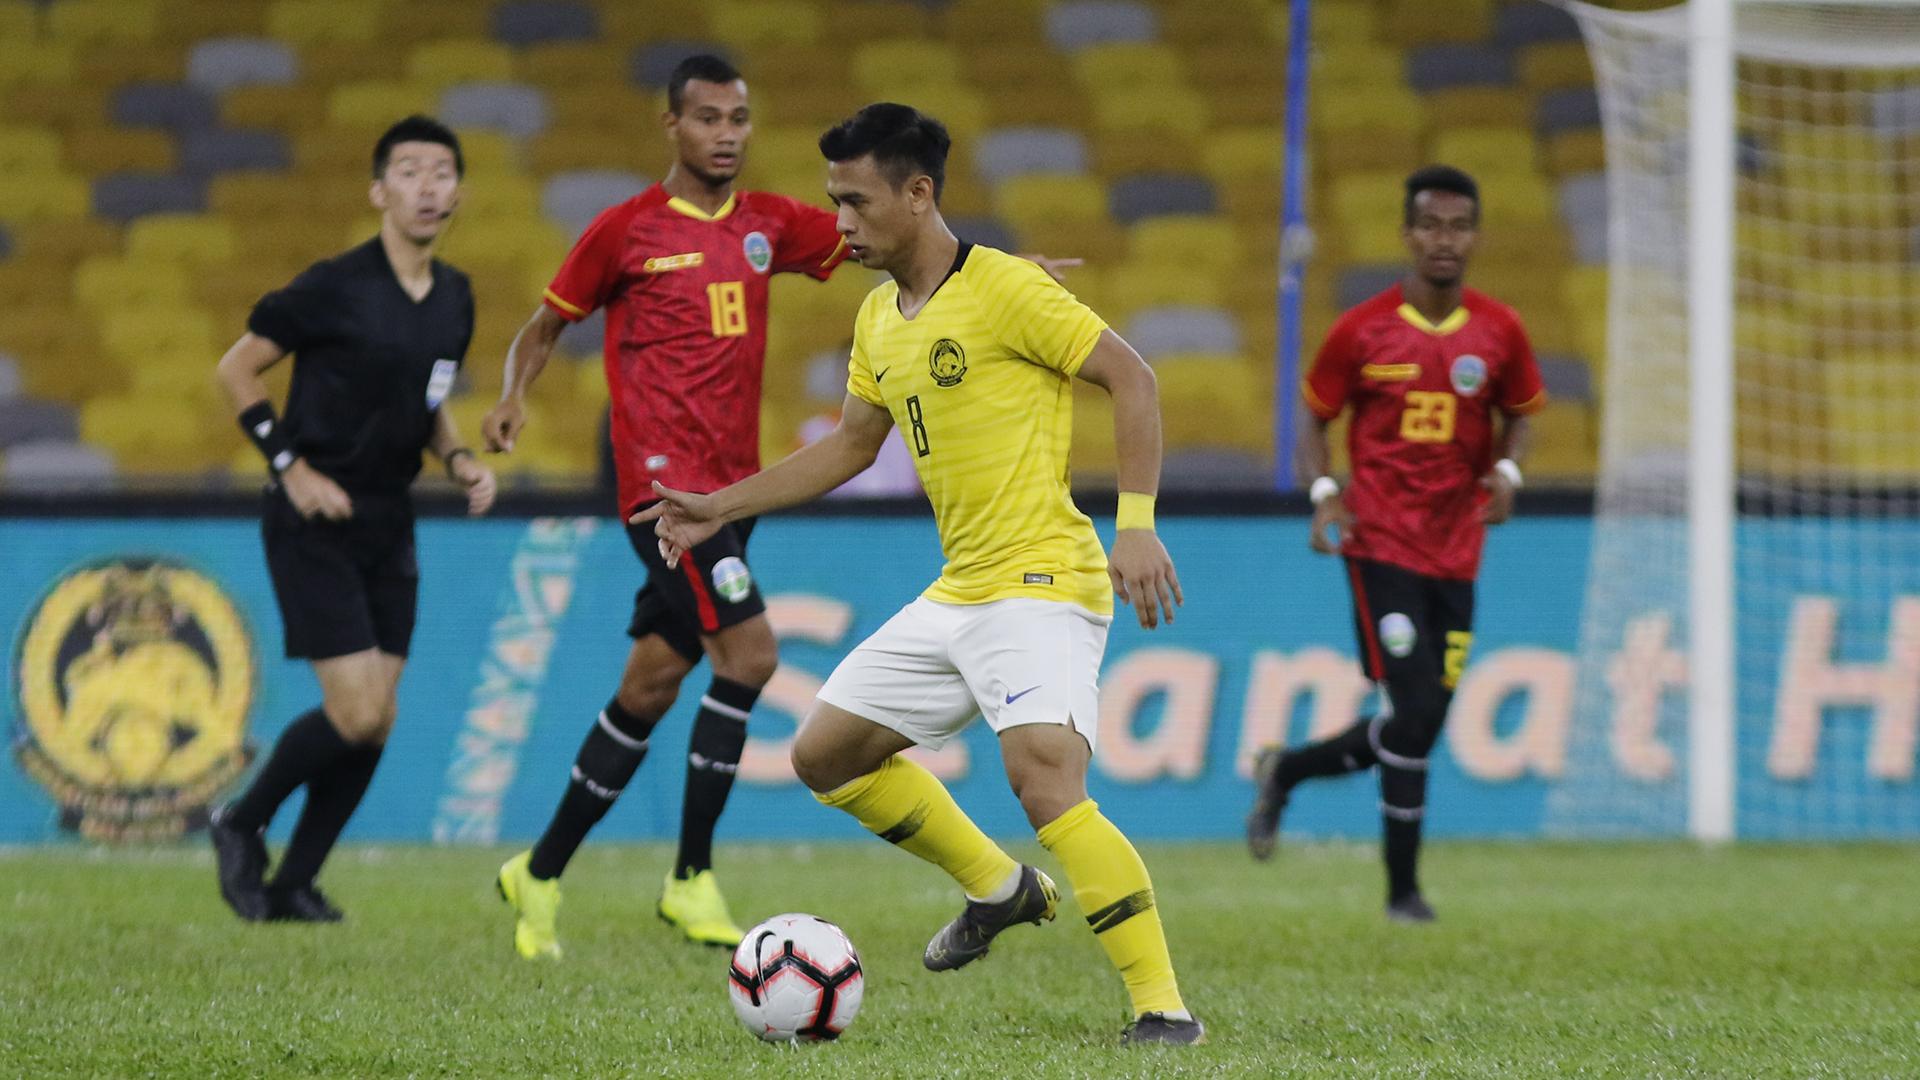 Lại thêm cầu thủ chấn thương, Malaysia thiệt quân lớn trước trận gặp Việt Nam